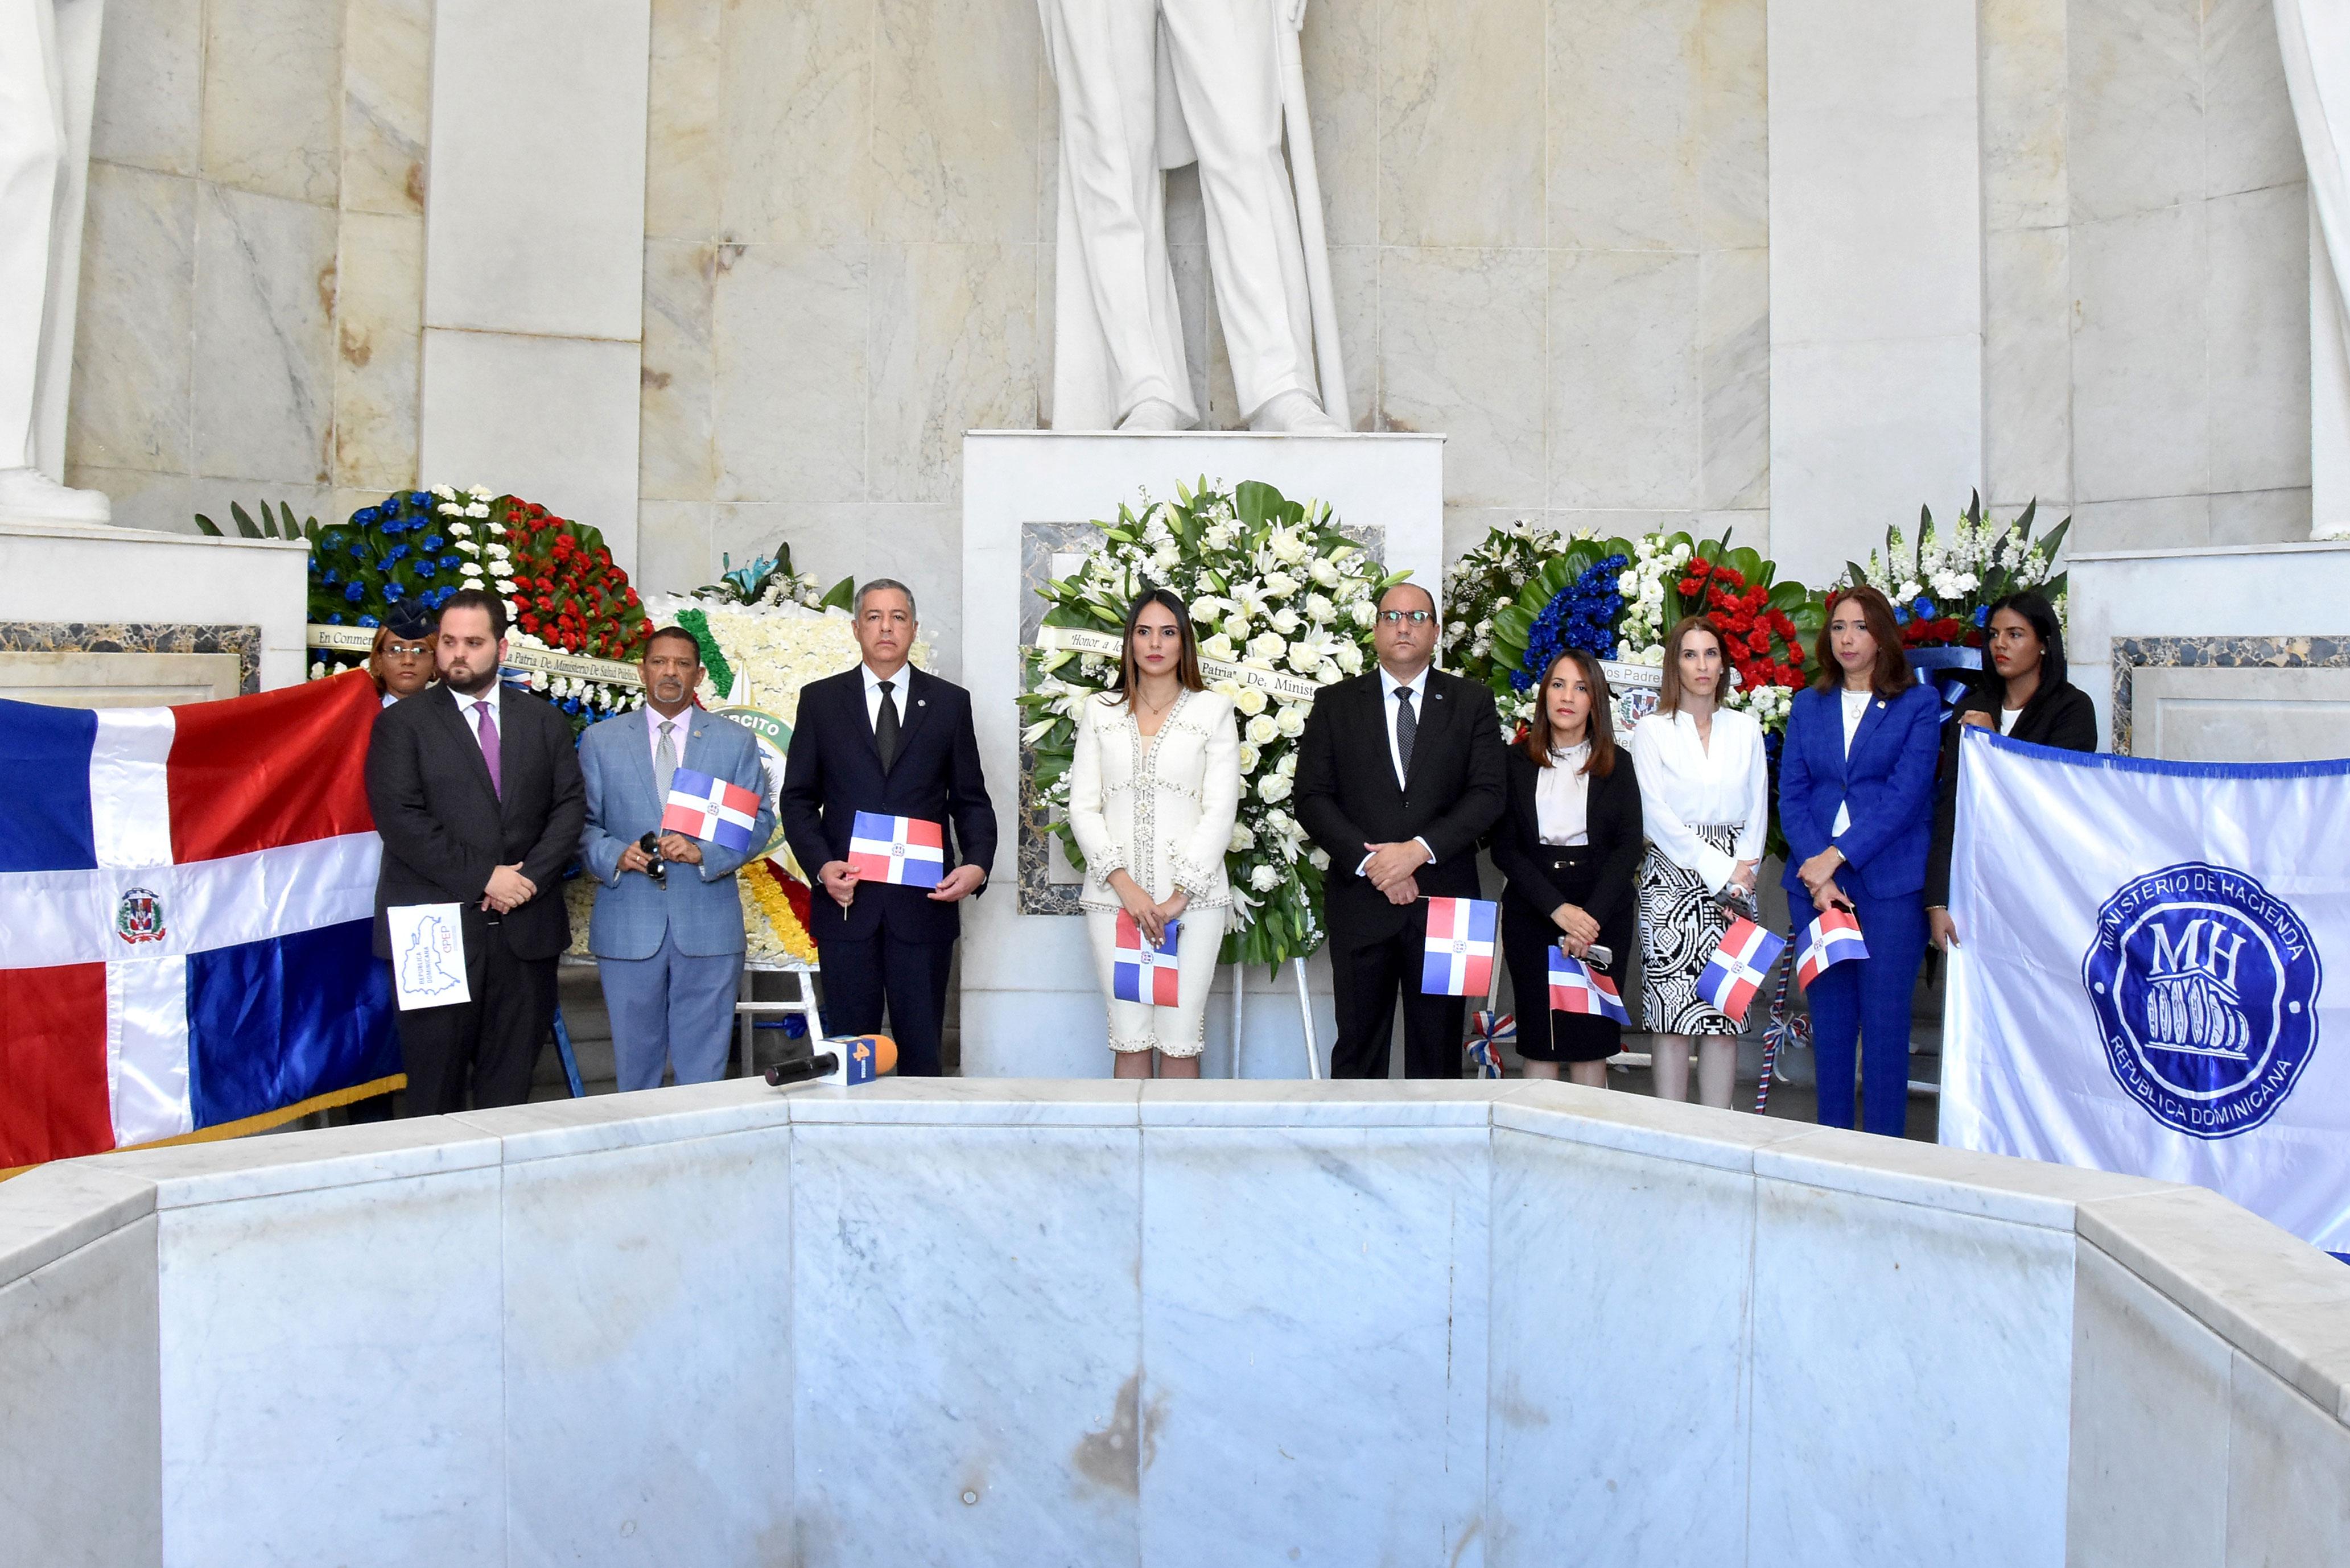 Funcionarios y colaboradores del Ministerio de Hacienda frente a la bandera nacional